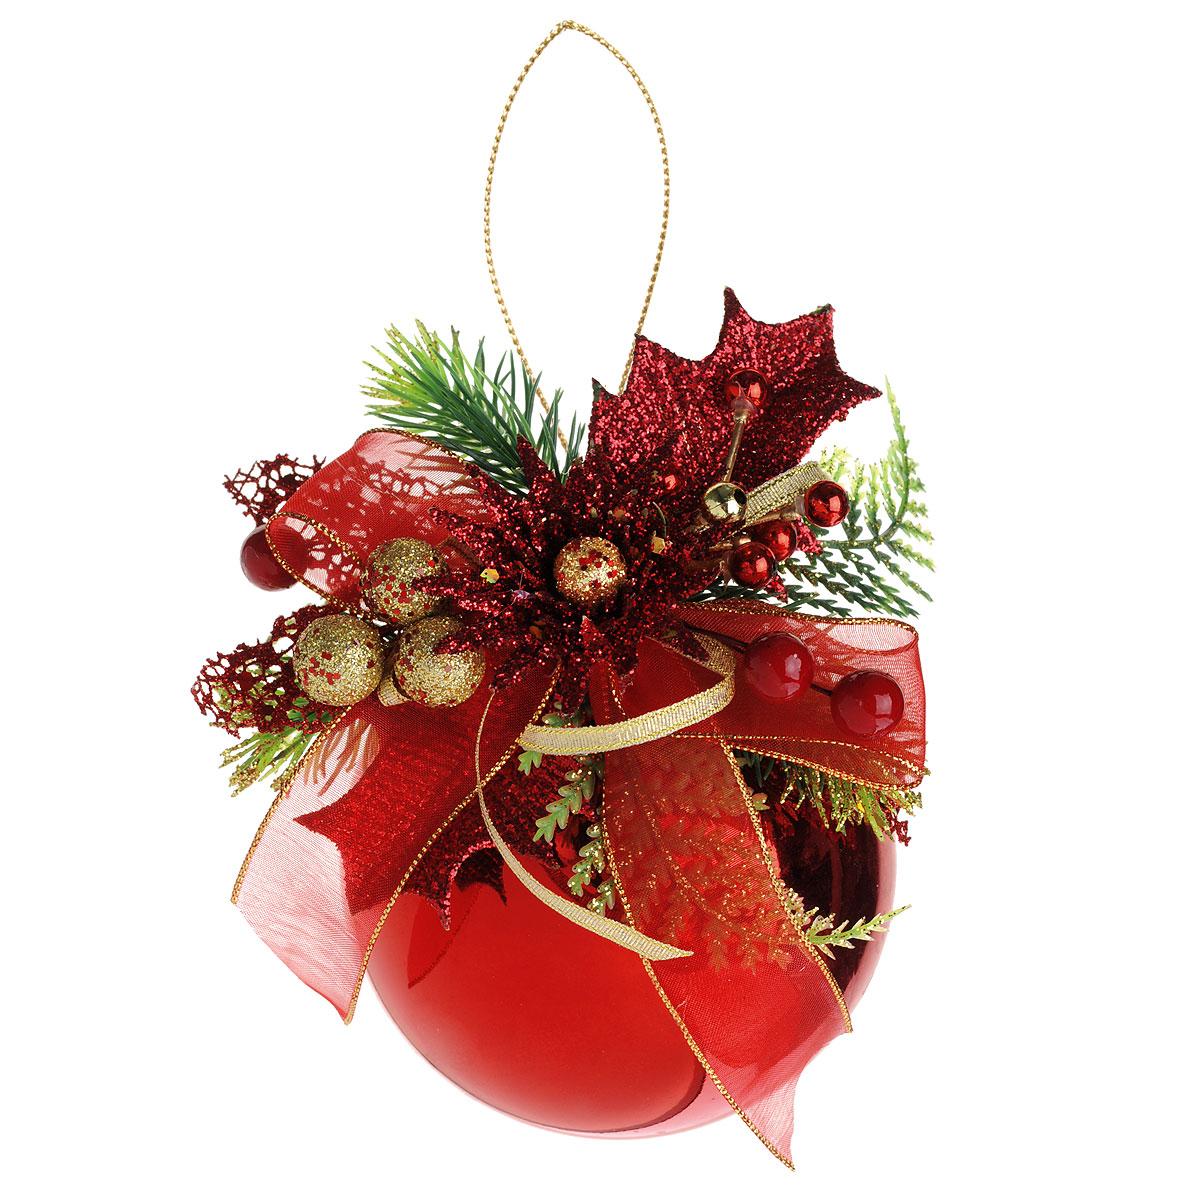 Новогоднее подвесное украшение Sima-land Шар, цвет: красный, диаметр 10 см. 705357705357Новогоднее подвесное украшение Sima-land Шар прекрасно подойдет для праздничного декора новогодней ели. Шар выполнен из пластика с глянцевой поверхностью и украшен композицией из пластиковых веточек, листочков и шариков, декорированных глиттером. Для удобного размещения на елке для шара предусмотрена текстильная веревочка. Елочная игрушка - символ Нового года. Она несет в себе волшебство и красоту праздника. Создайте в своем доме атмосферу веселья и радости, украшая новогоднюю елку нарядными игрушками, которые будут из года в год накапливать теплоту воспоминаний. Коллекция декоративных украшений принесет в ваш дом ни с чем не сравнимое ощущение волшебства! Откройте для себя удивительный мир сказок и грез. Почувствуйте волшебные минуты ожидания праздника, создайте новогоднее настроение вашим дорогим и близким.